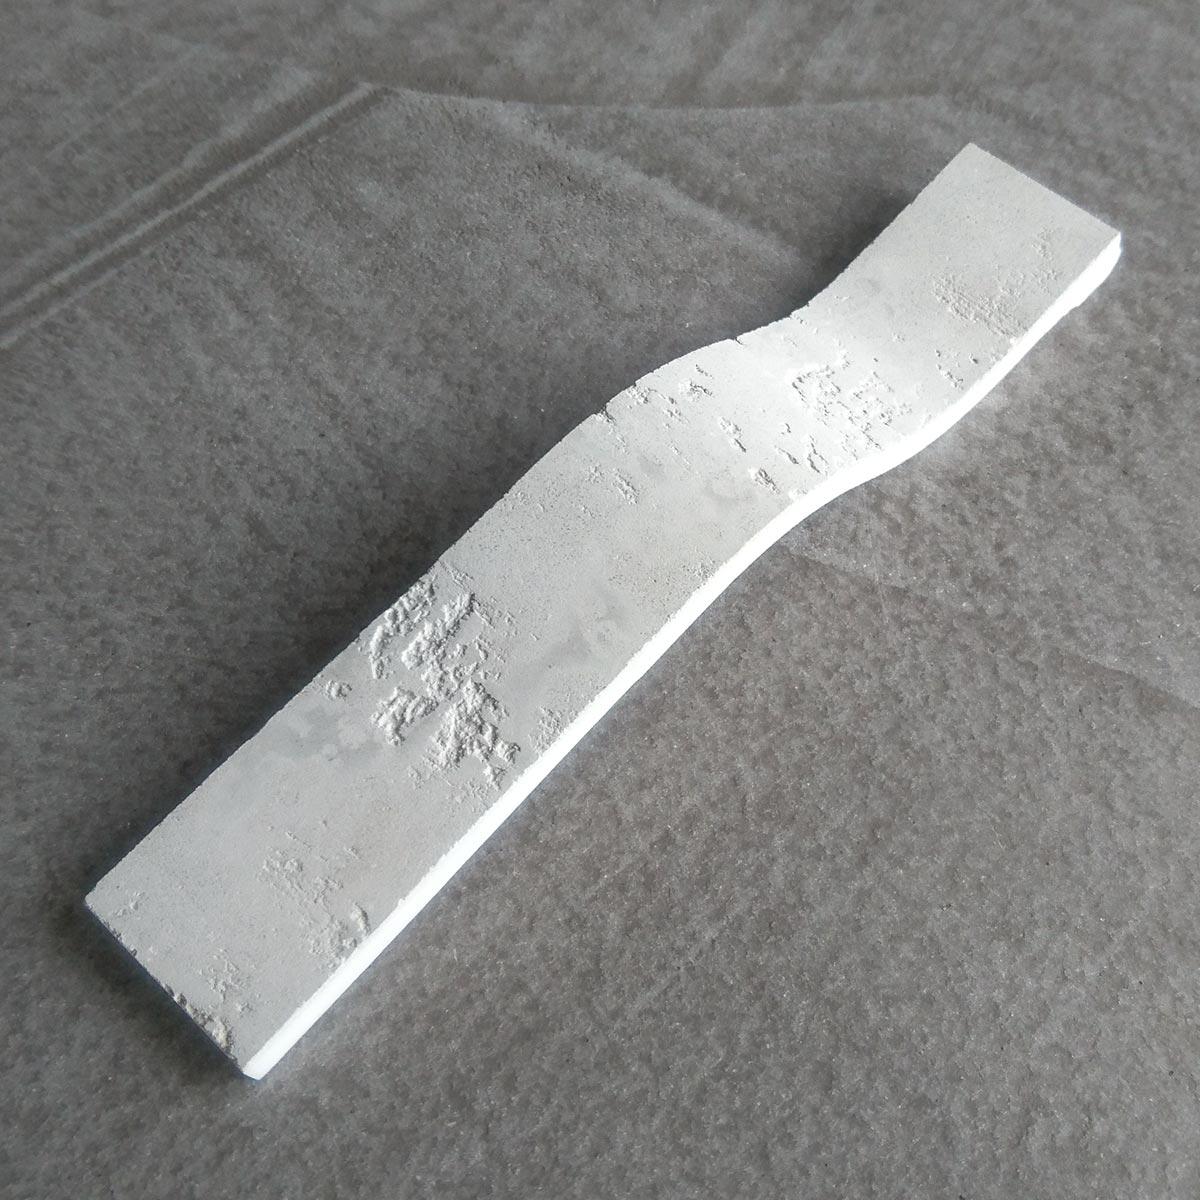 Beton-Optik und Mineralwerkstoff gehen eine neue Verbindung ein. Damit sind Beton-Oberflächen praktisch keine Grenzen mehr gesetzt.